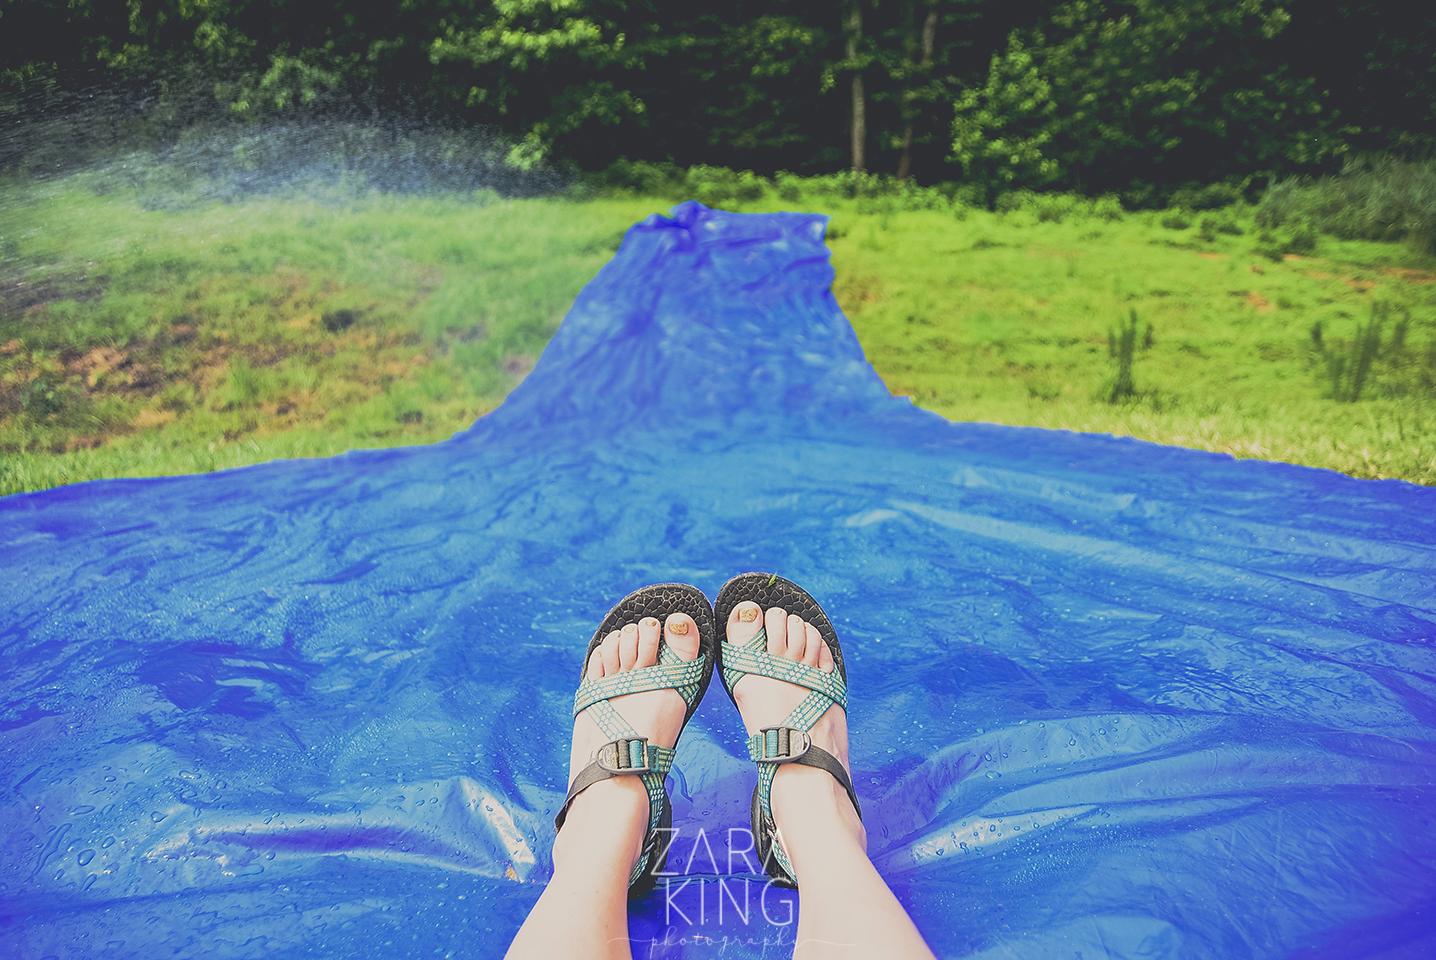 camp winona water slide